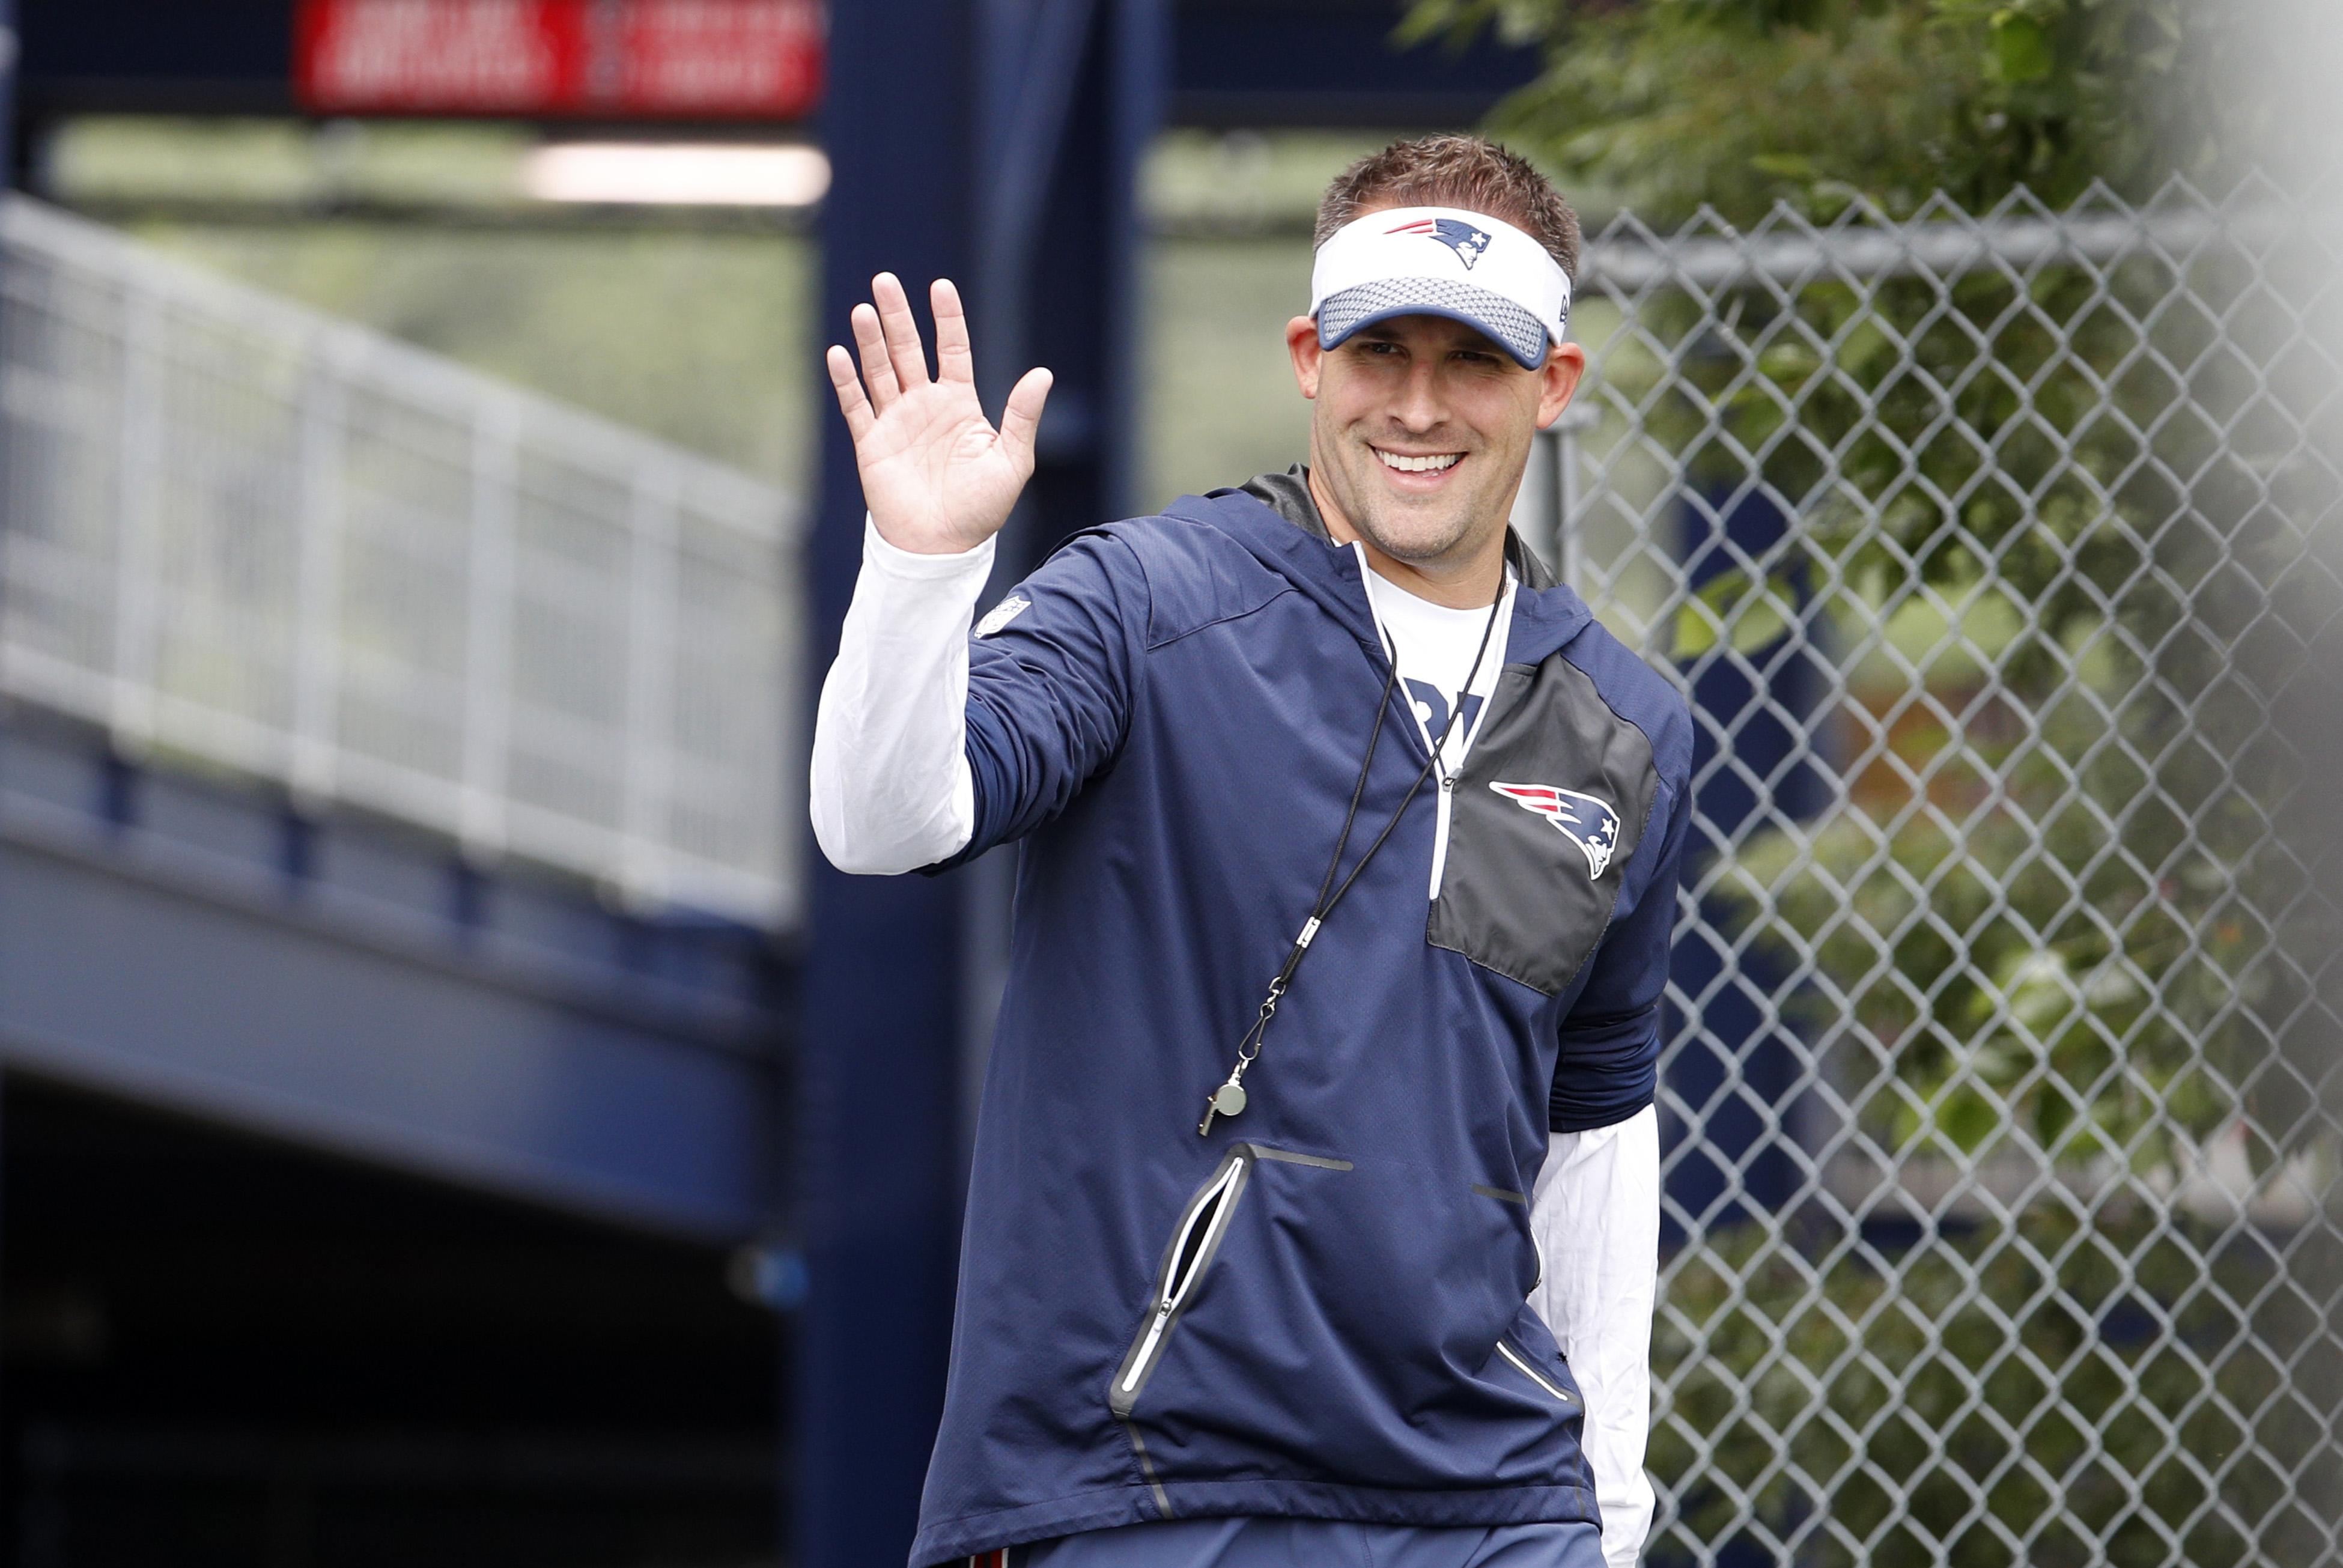 NFL: JUL 29 Patriots Training Camp